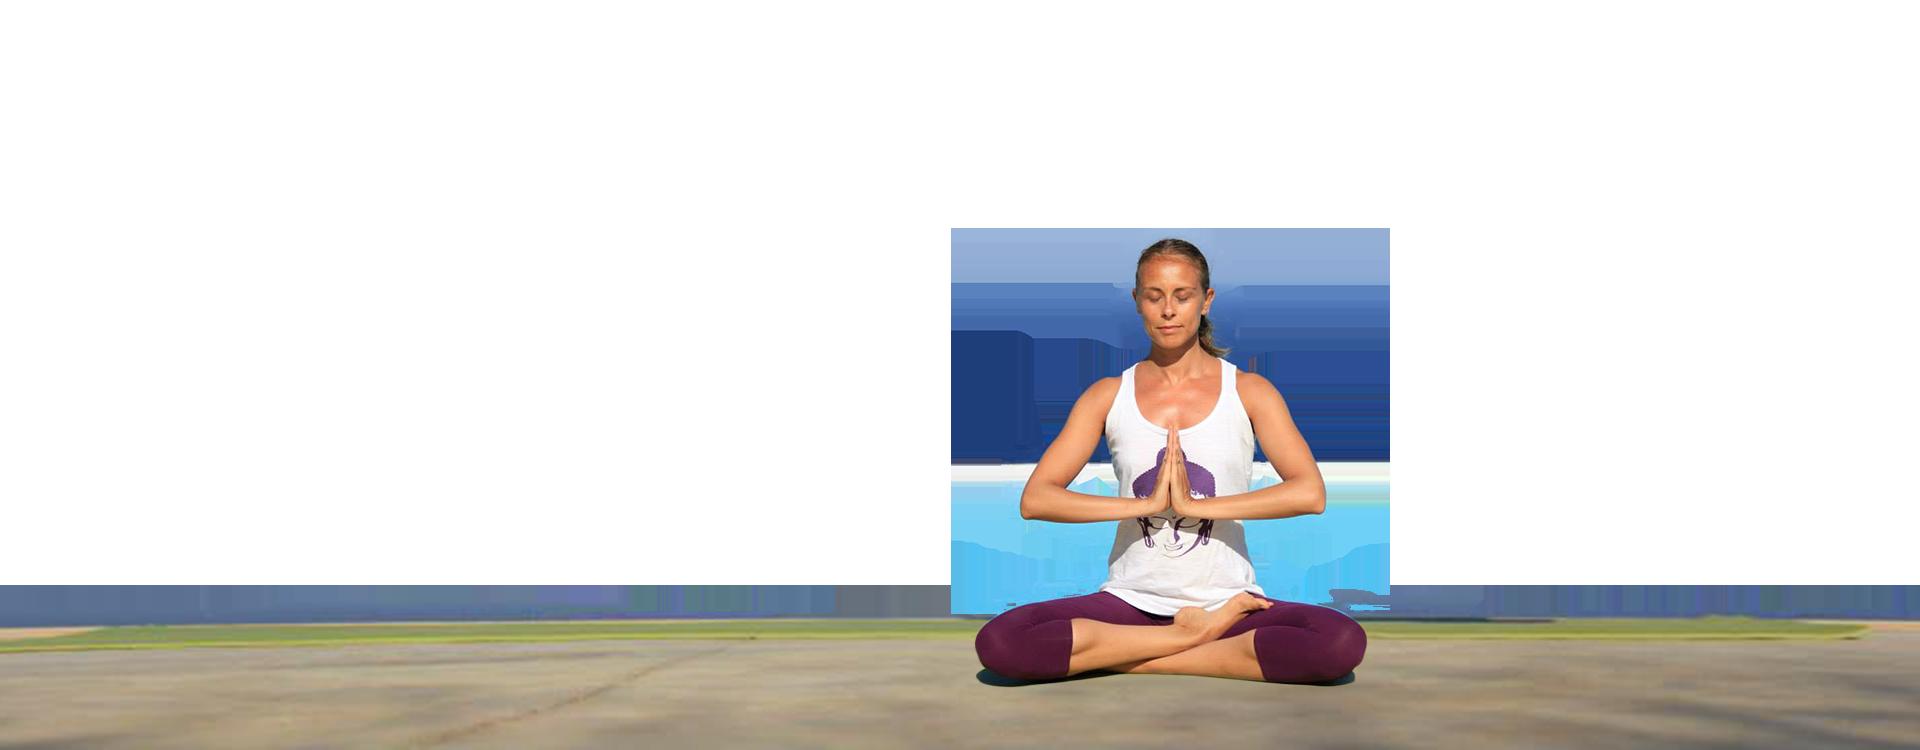 Ενωθείτε με  τον ανώτερο εαυτό σας σ'ένα yoga retreat  στη βίλα Αλς Μαρμαρέη